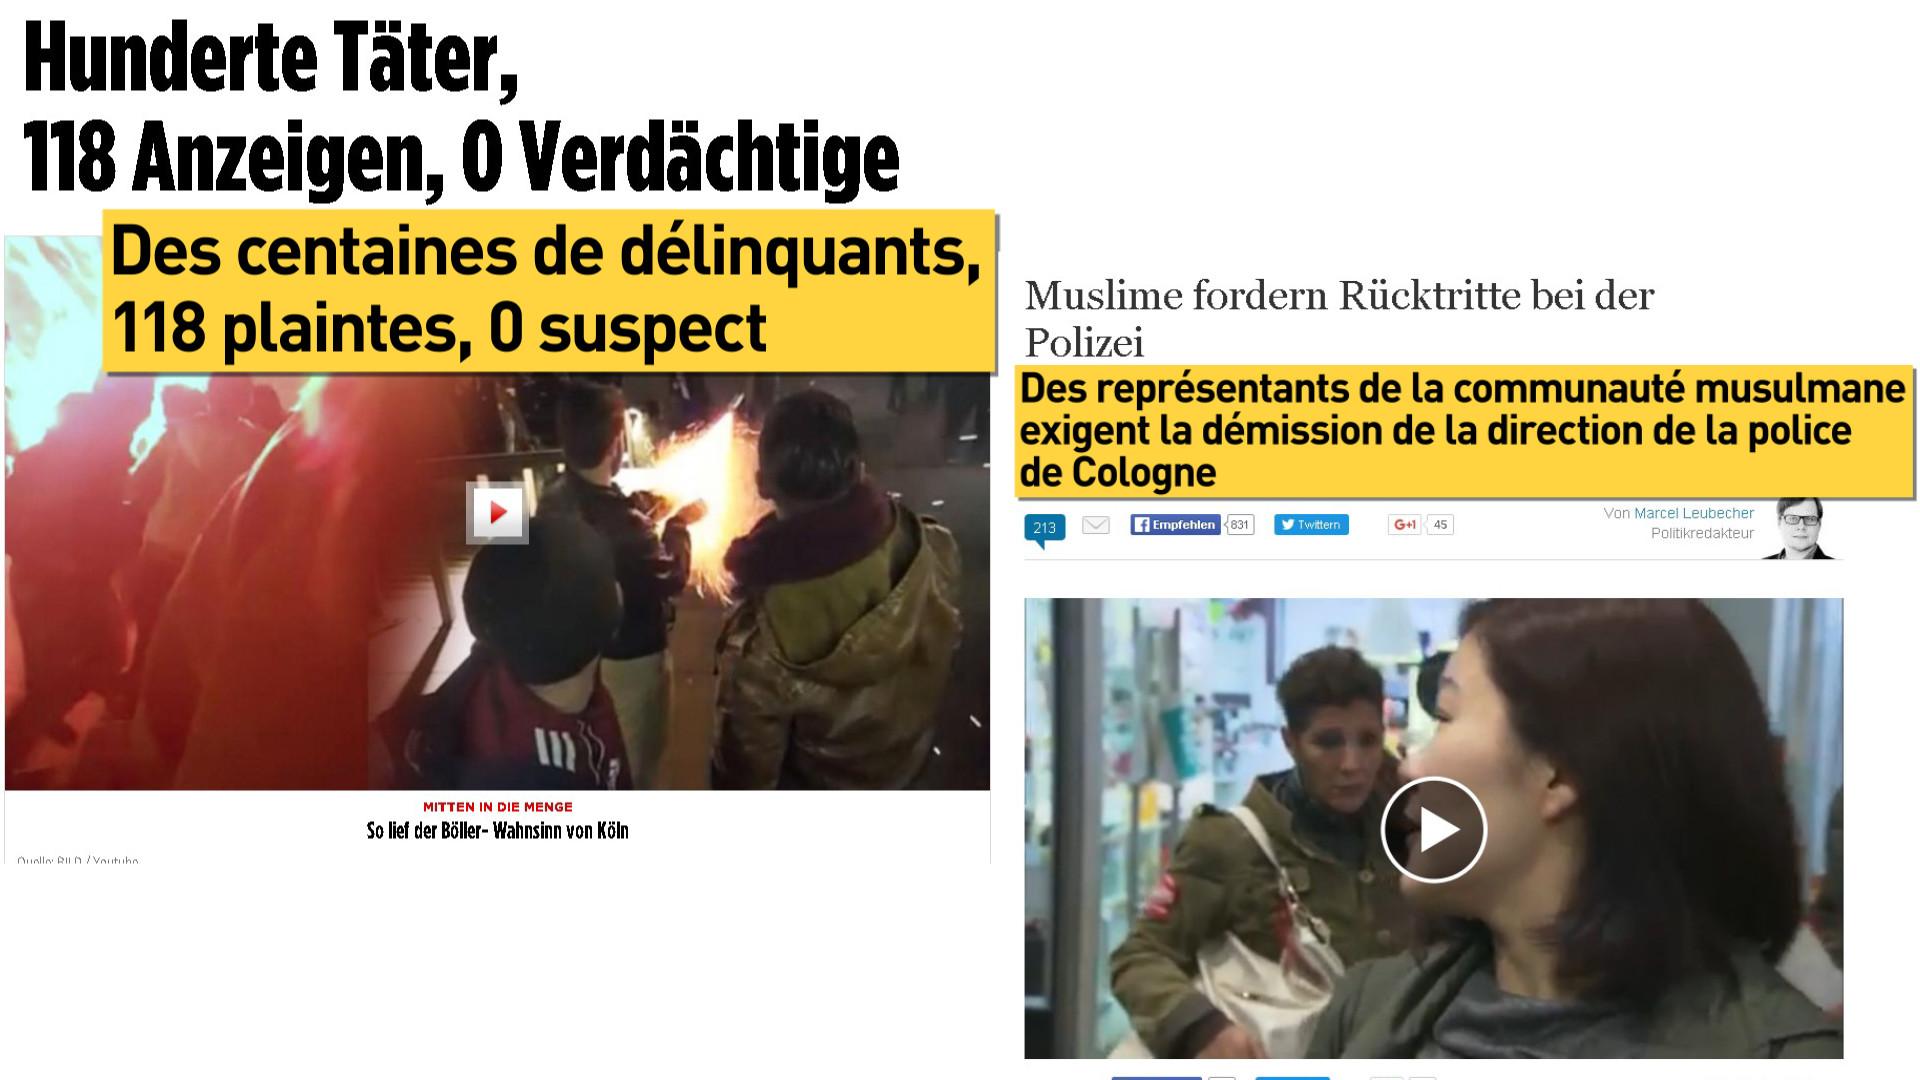 Agressions à Cologne : les médias allemands s'emparent de l'affaire